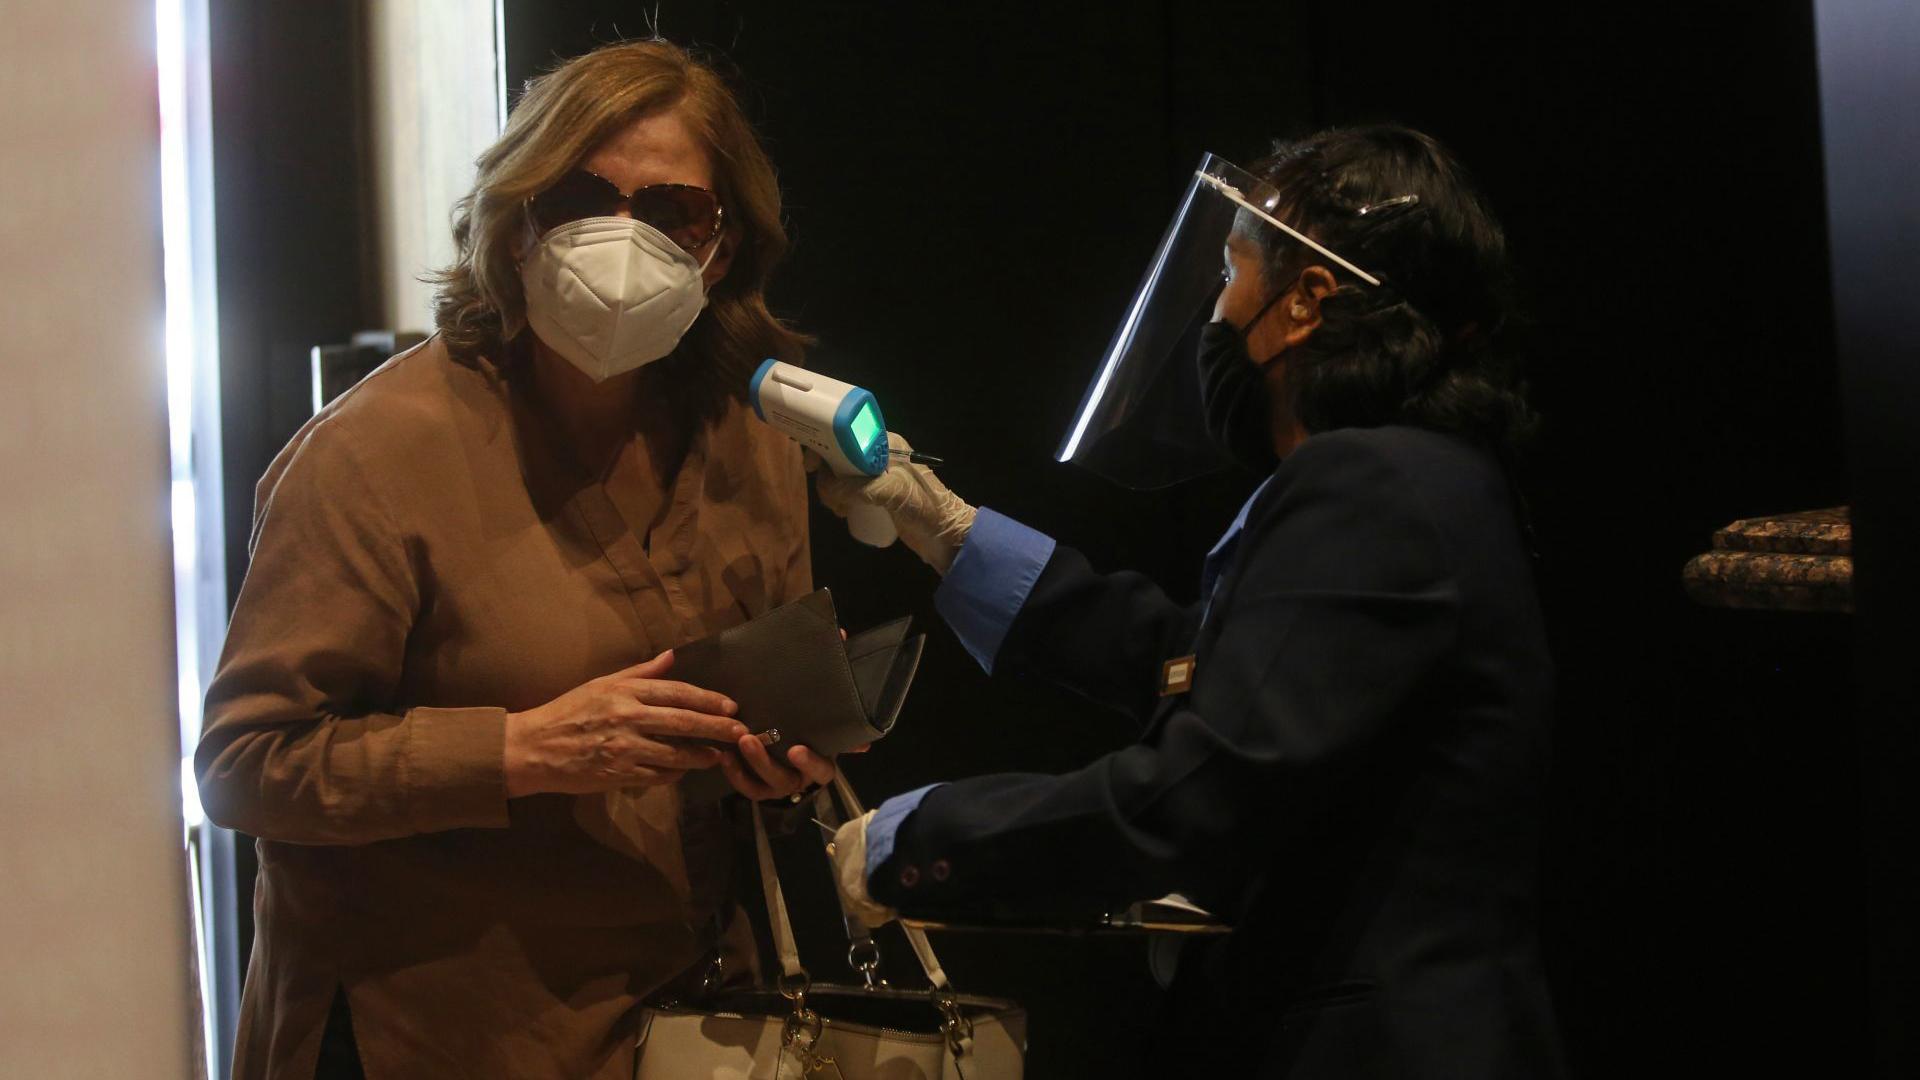 Una clienta de un conocido casino de la ciudad, le realizan el protocolo sanitario correspondiente, esto previo a entrar y hacer uso de las instalaciones y después de cinco meses de permanecer cerrados a causa de la pandemia sanitaria del COVID-19 (Foto: Cuartoscuro)